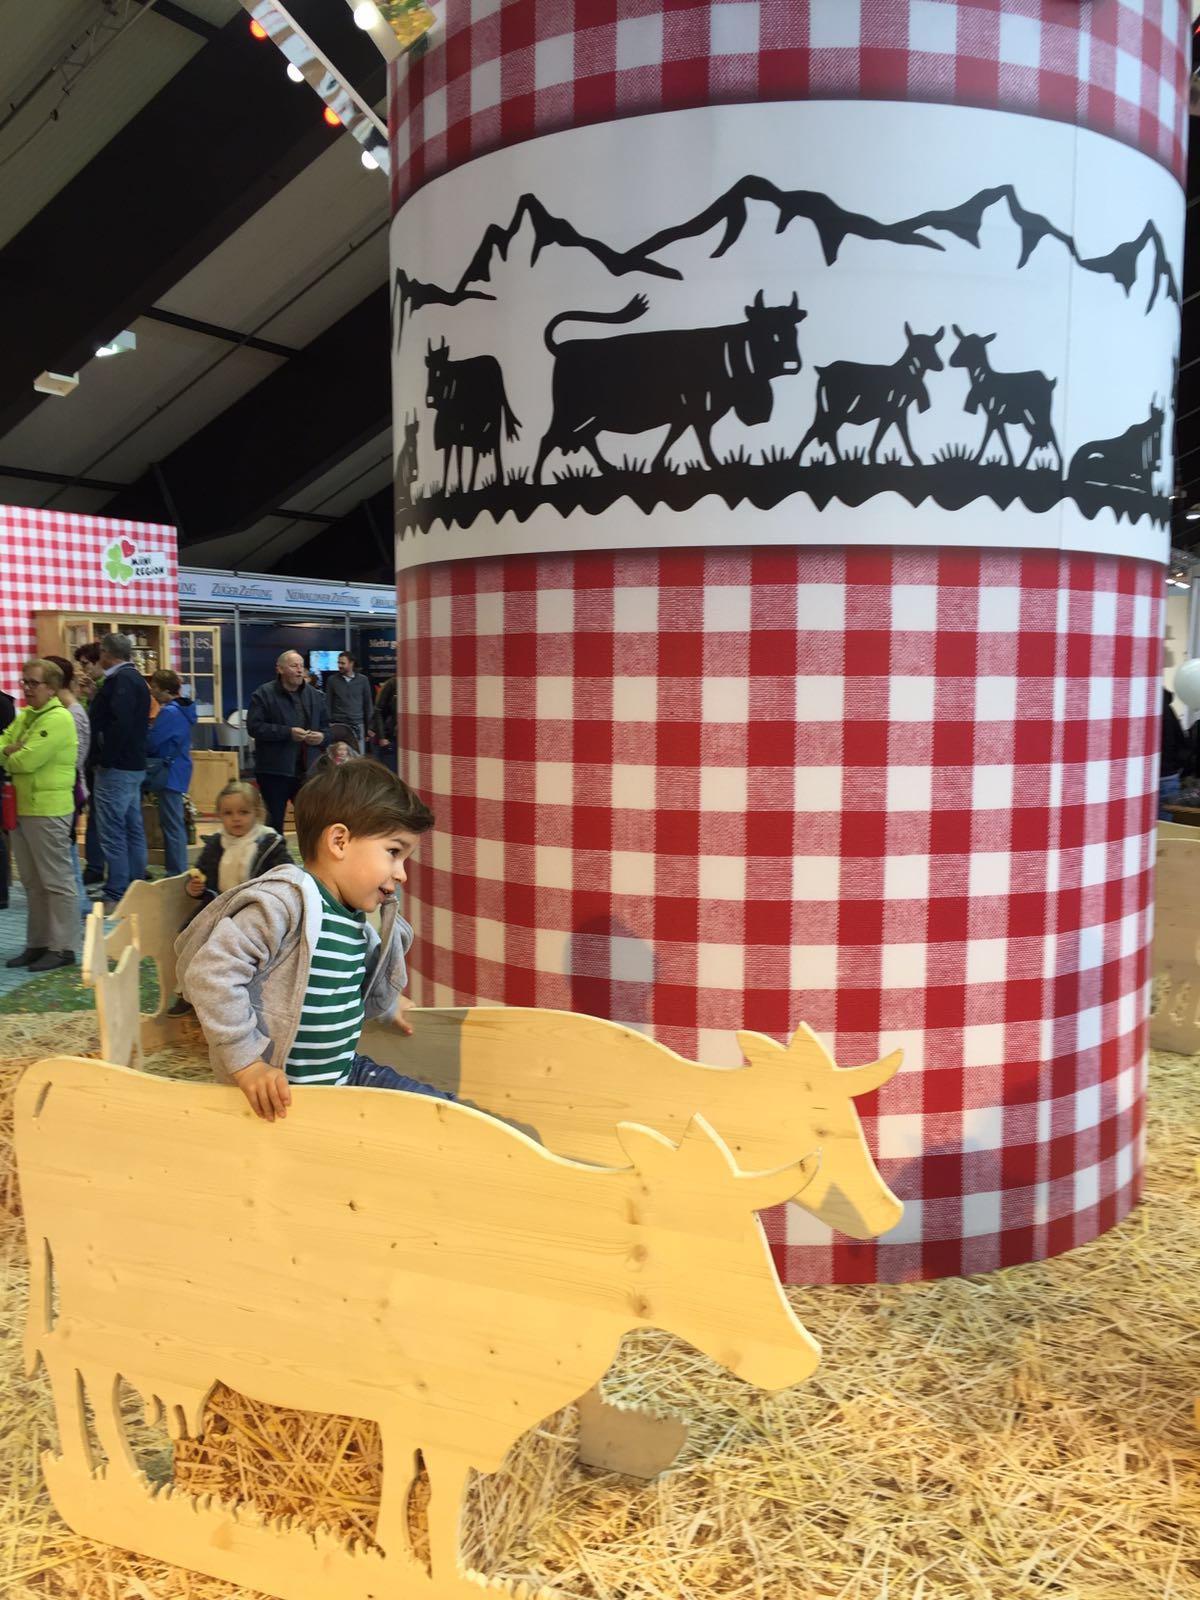 Ein Kuh-Karussell für die Kids.